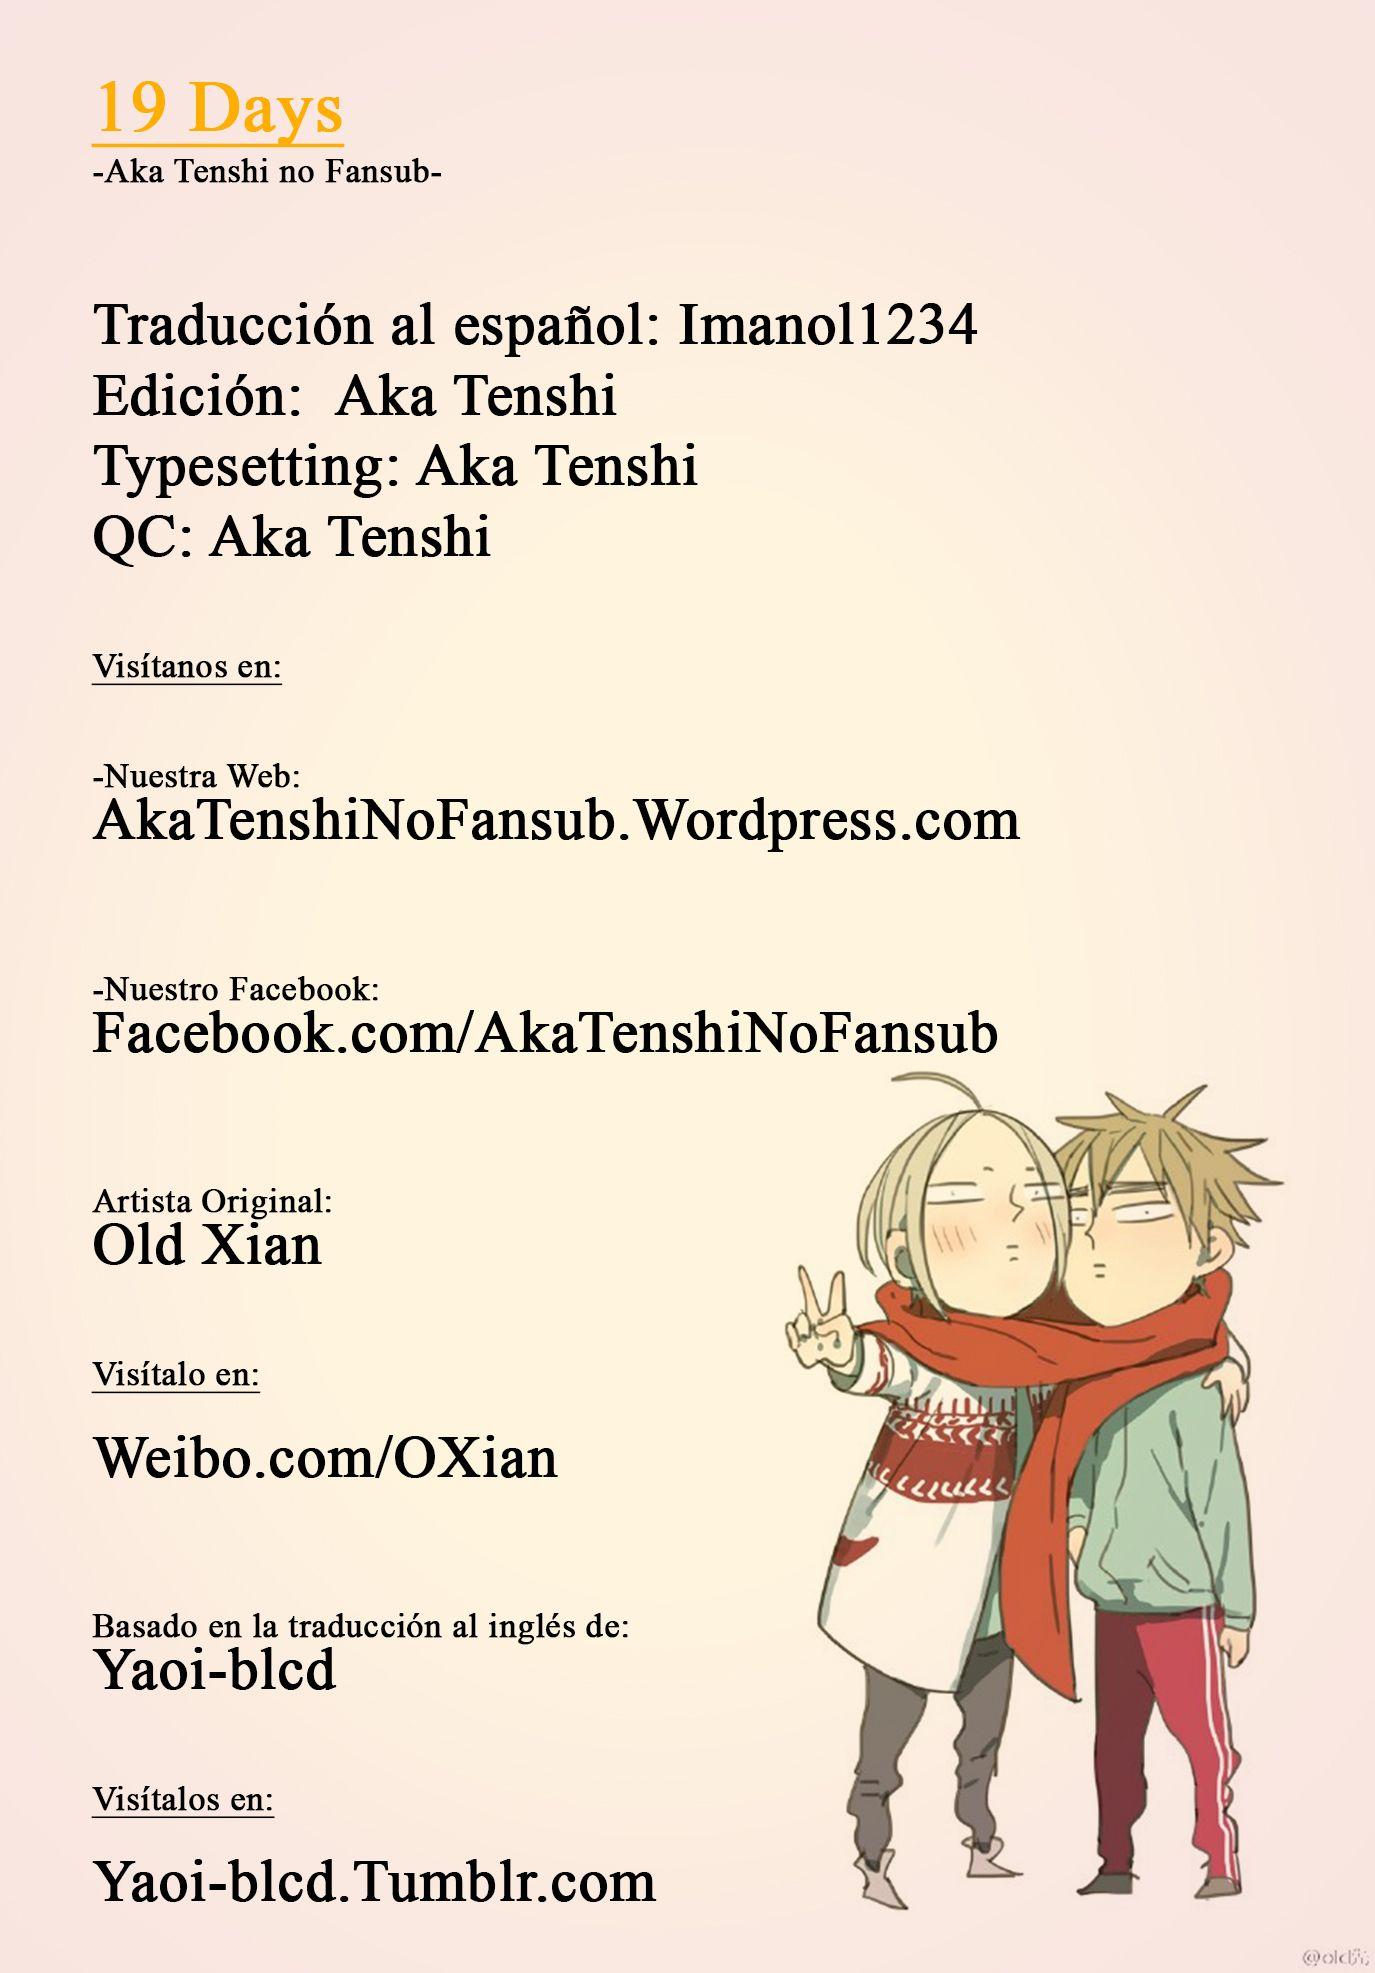 http://c5.ninemanga.com/es_manga/7/15943/454416/177db6acfe388526a4c7bff88e1feb15.jpg Page 1